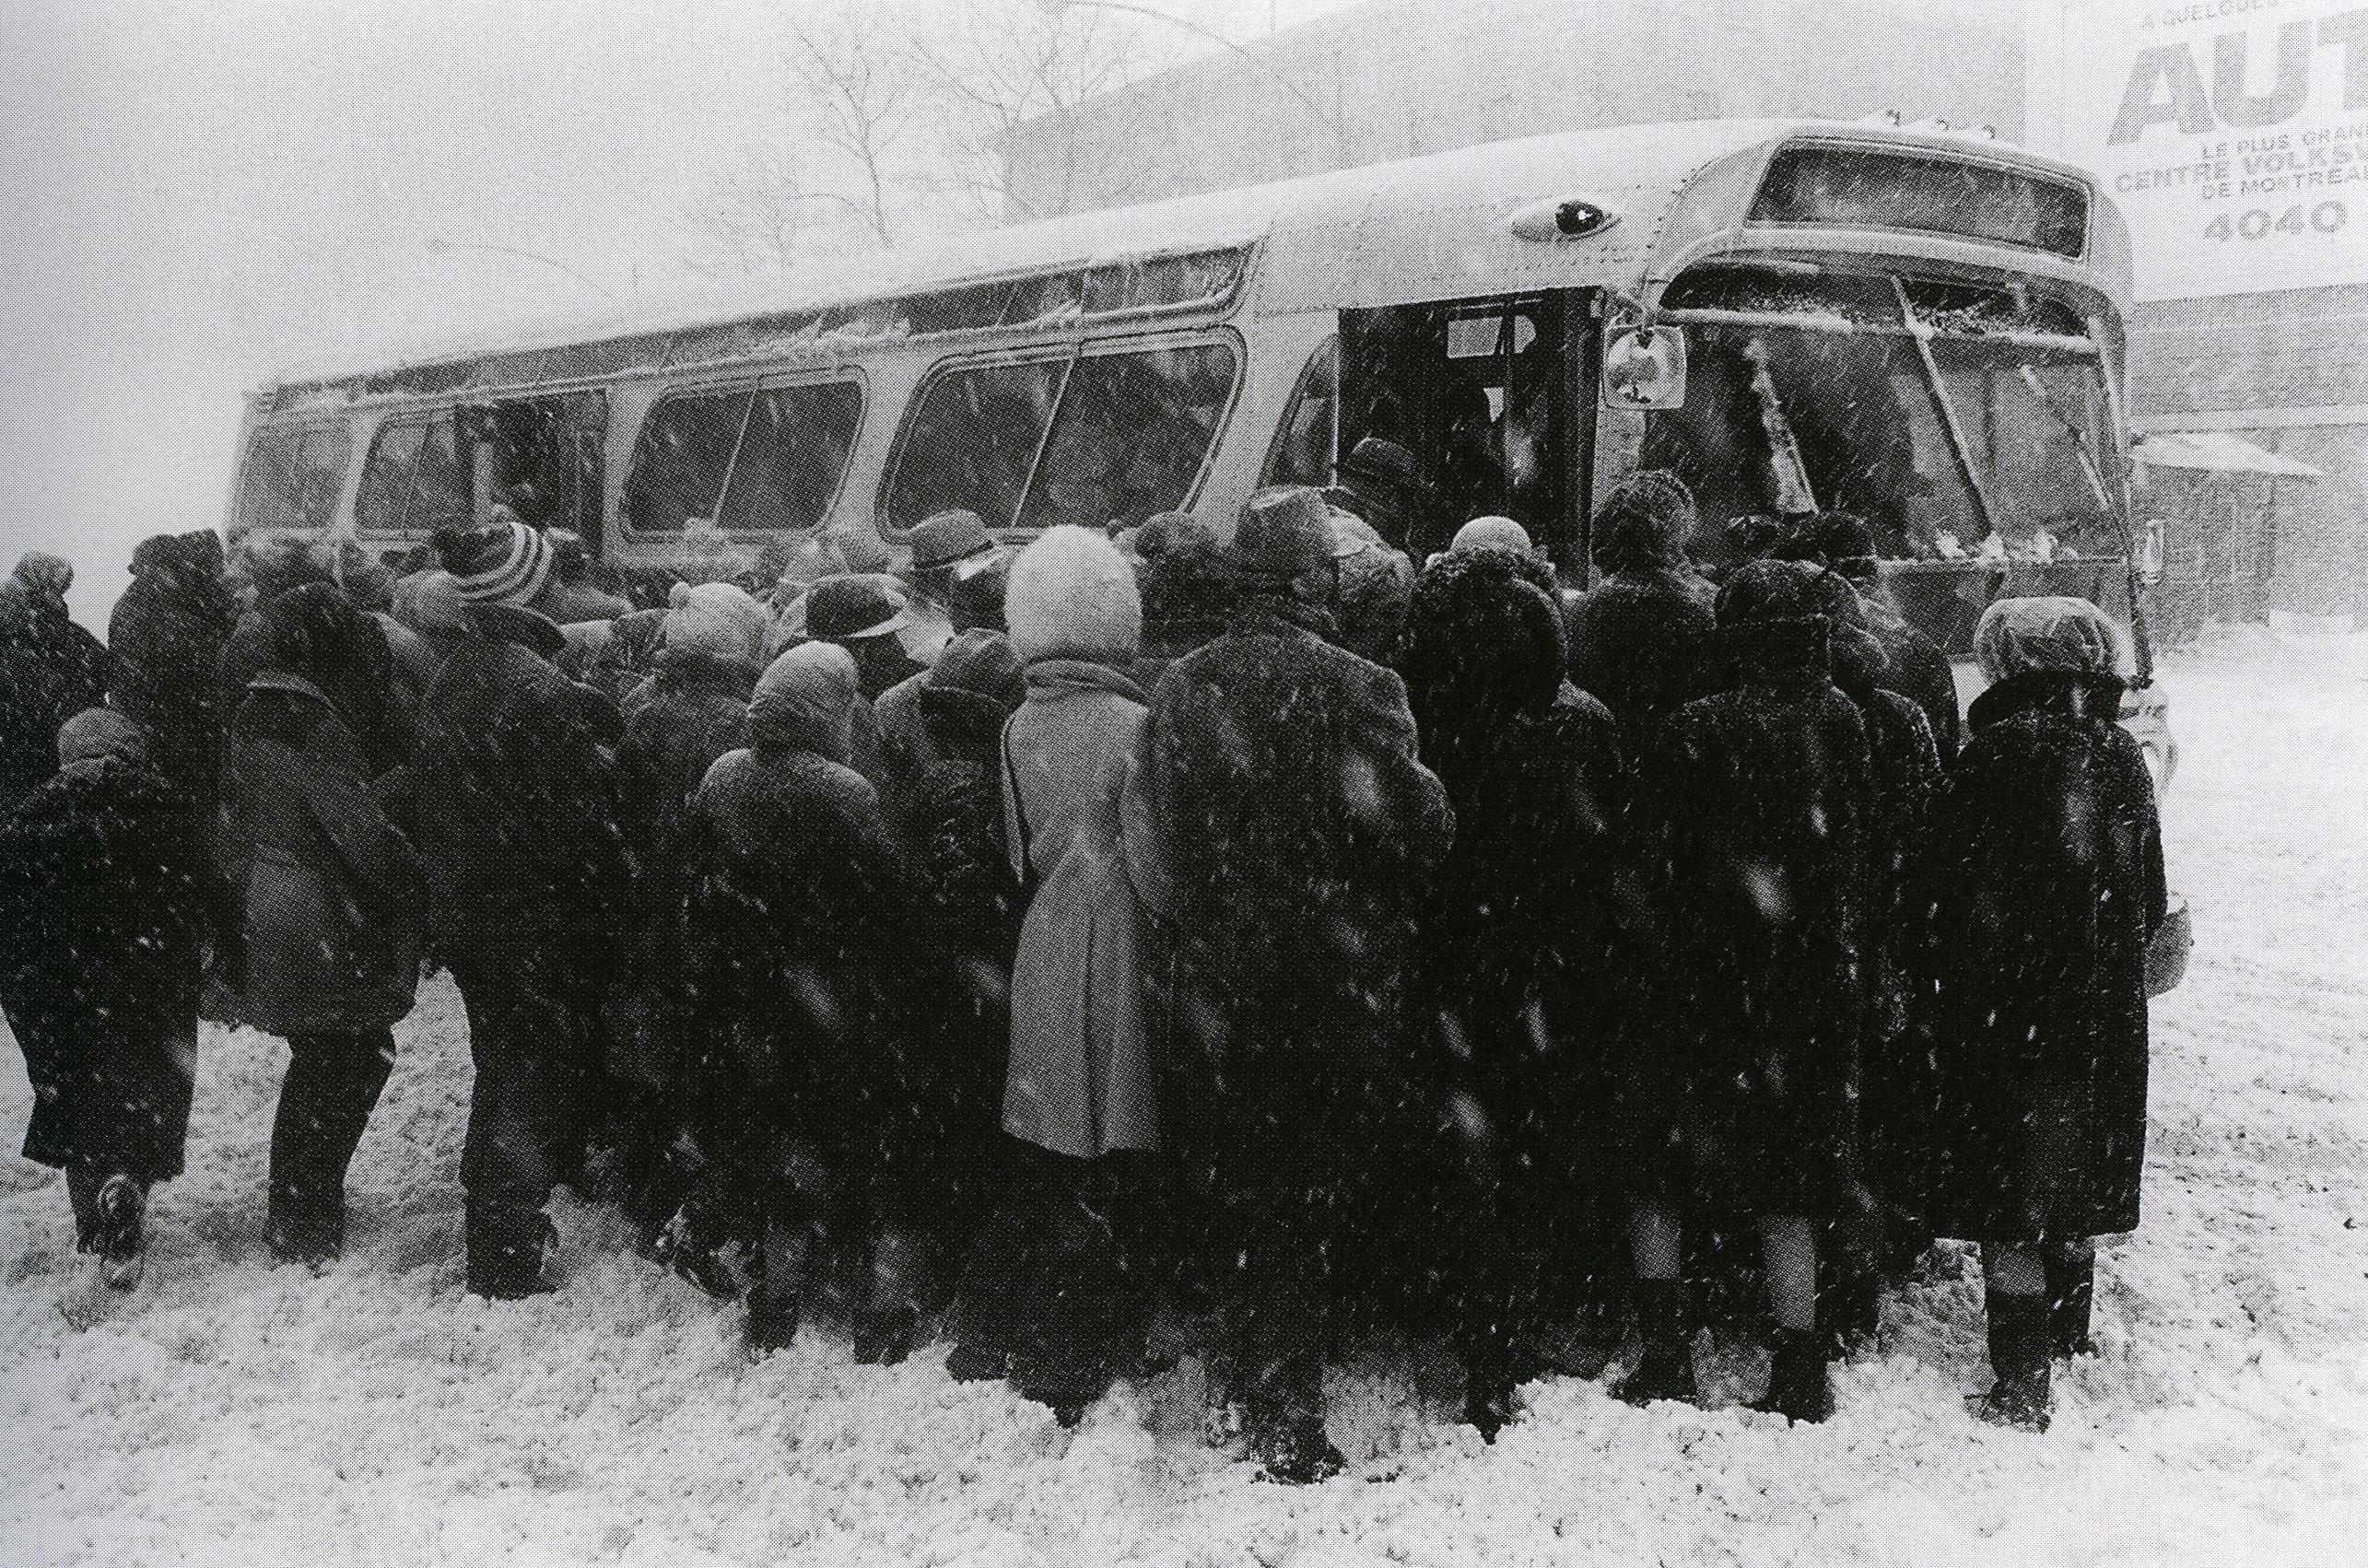 gabor szilasi_Montréal, QC, 1978_p9